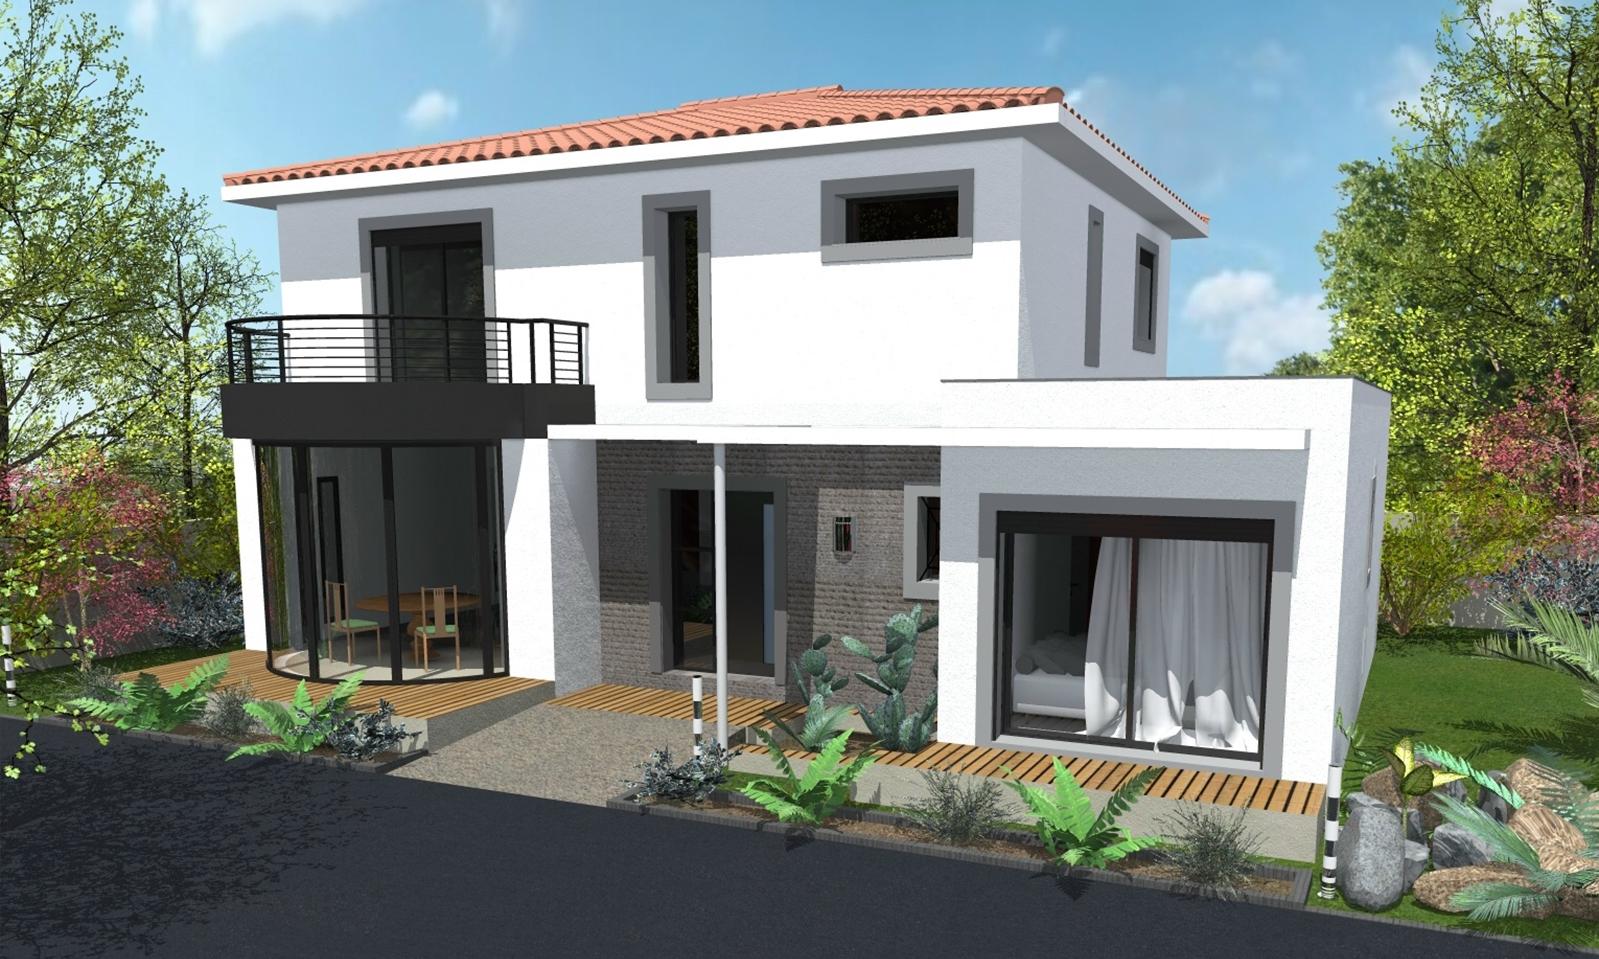 Nouveaux mod les de maisons par le constructeur atm lumicene for Constructeur de maison 81